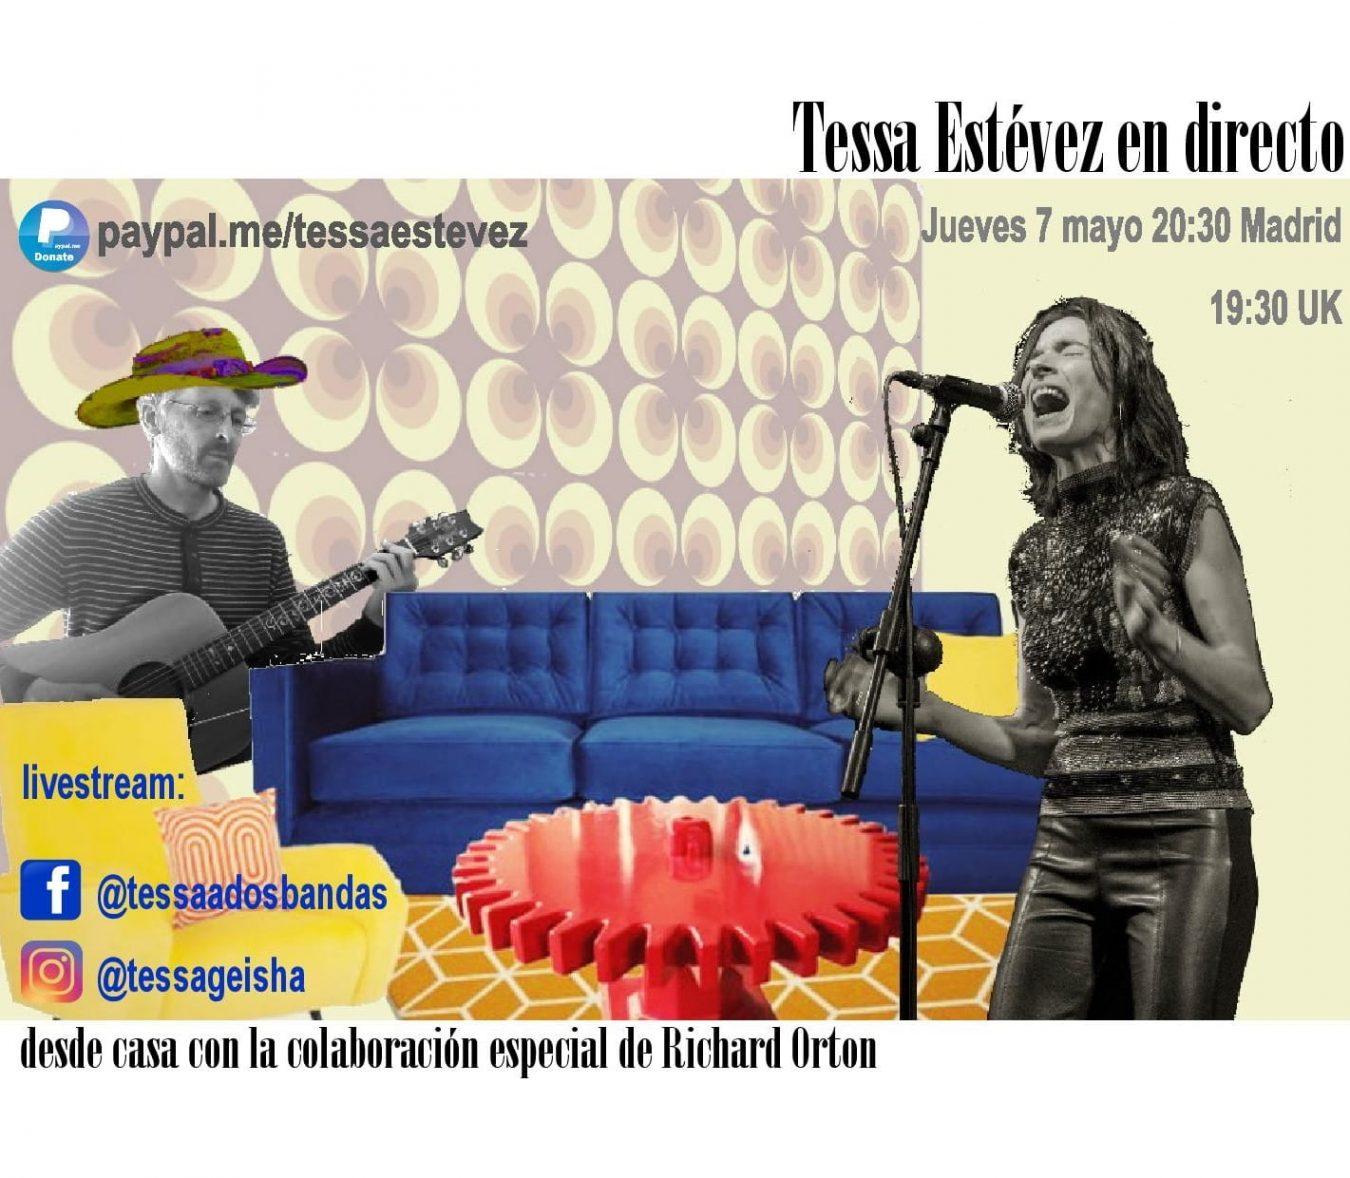 Concierto solidario de la cantante riosellana Tessa Estévez esta tarde en las redes sociales